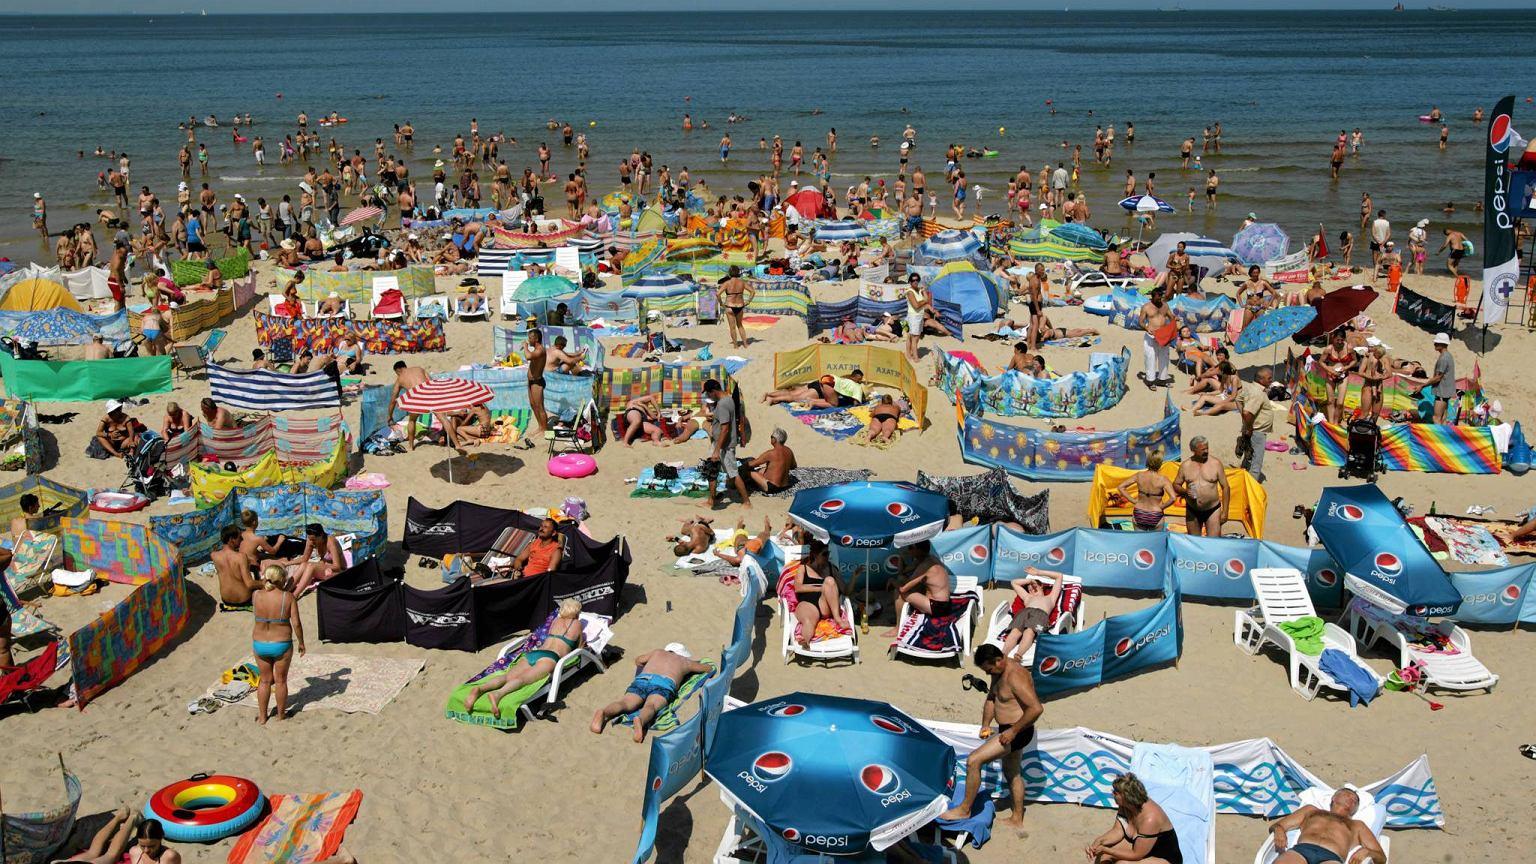 zbierajsie-pl-gdzie-na-wakacje-najpopularniejsze-najmodniejsze-szczecin.wyborcza.pl-min